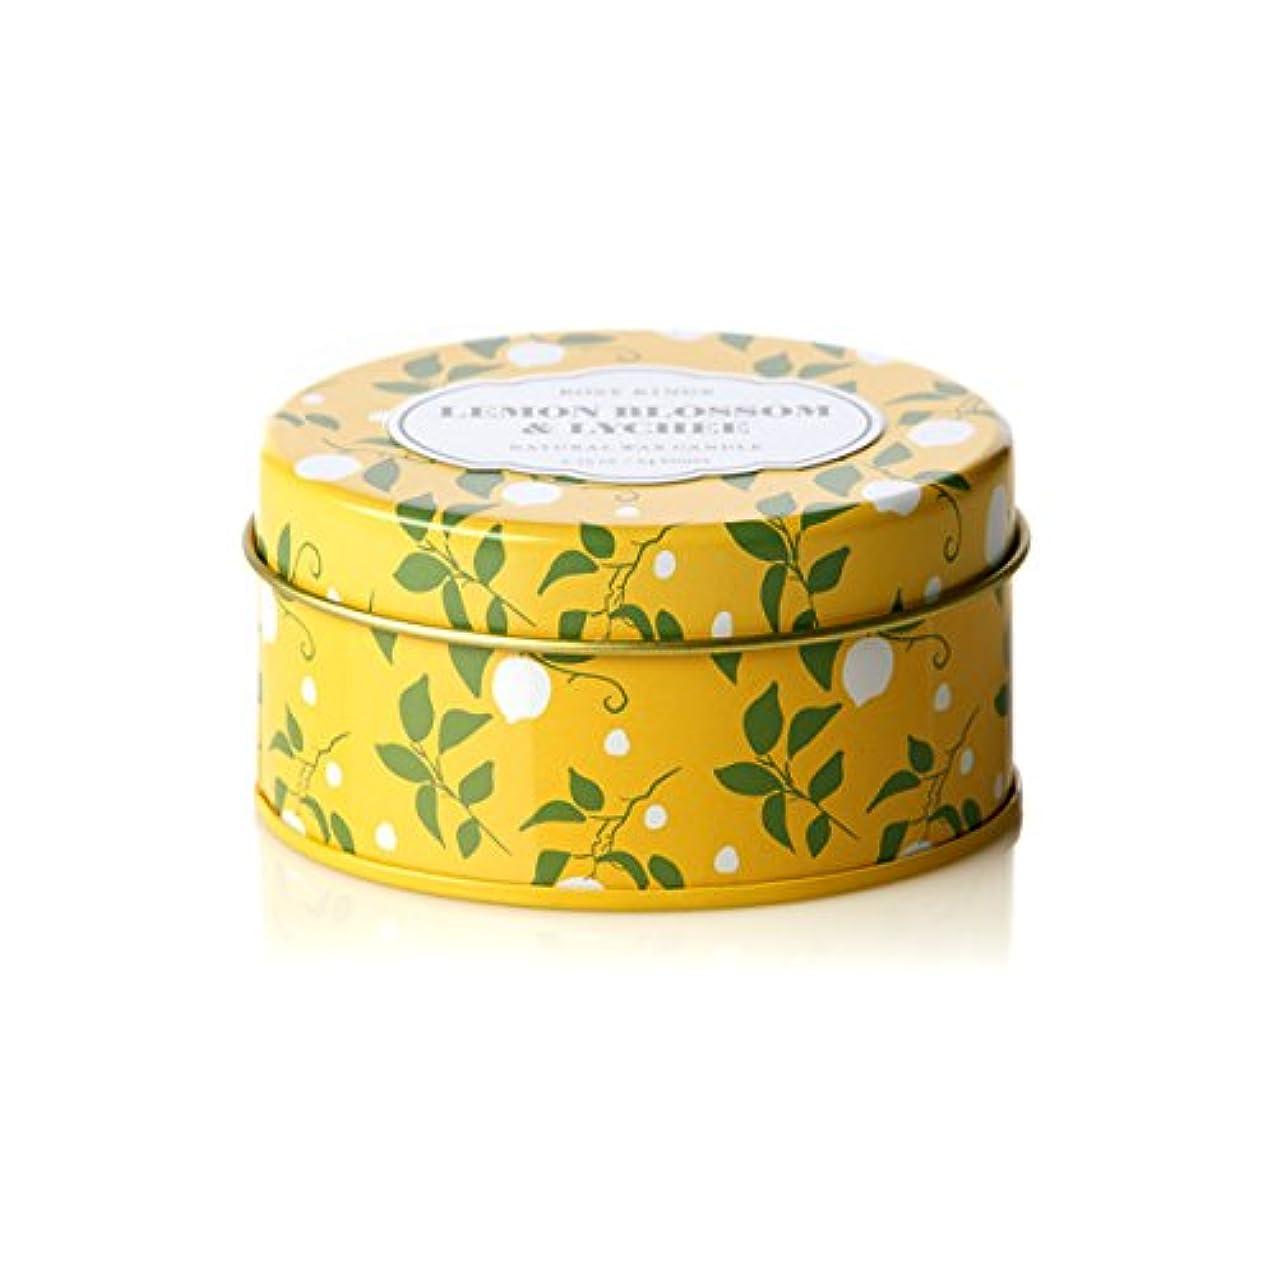 別の先入観ギャラリーロージーリングス トラベルティンキャンドル レモンブロッサム&ライチ ROSY RINGS Lemon Blossom & Lychee Travel Tin